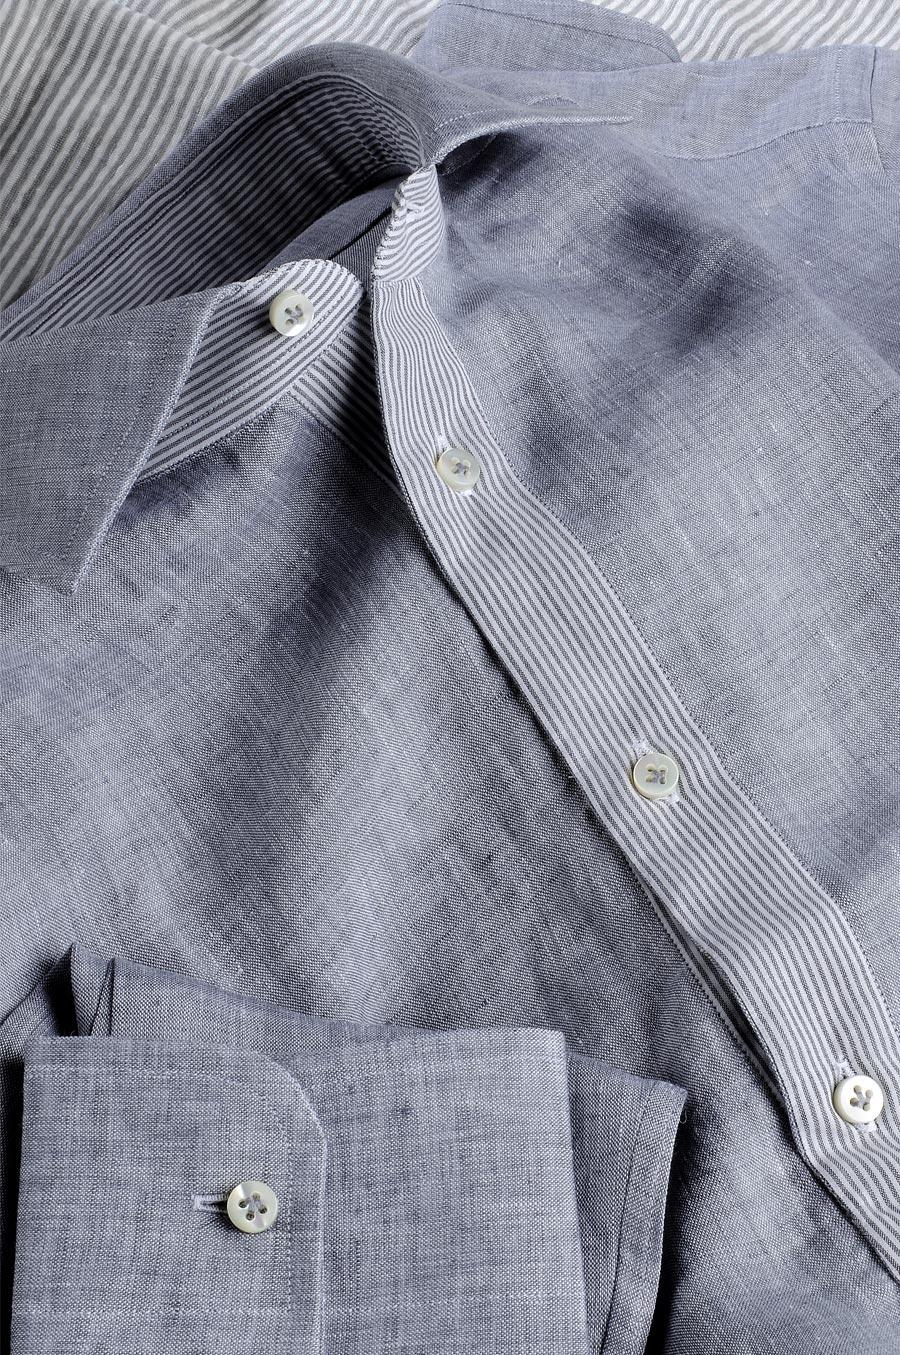 watch cda63 13682 Camicia Su Misura tessuto Lino Monti unito grigio melange interni riga  grigio bianco